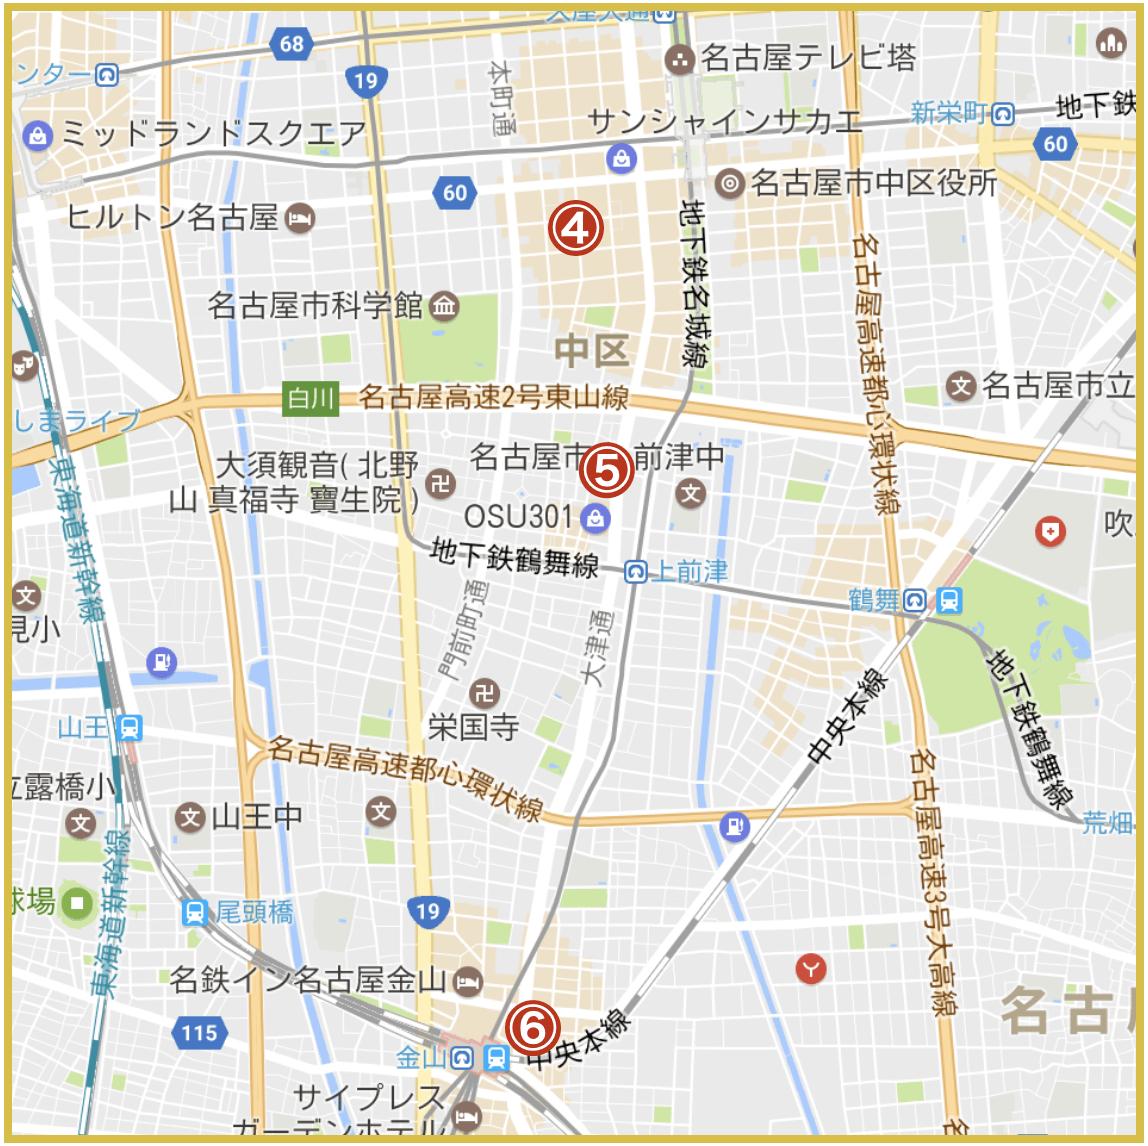 名古屋市中区にあるプロミス店舗・ATMの位置(2020年版)